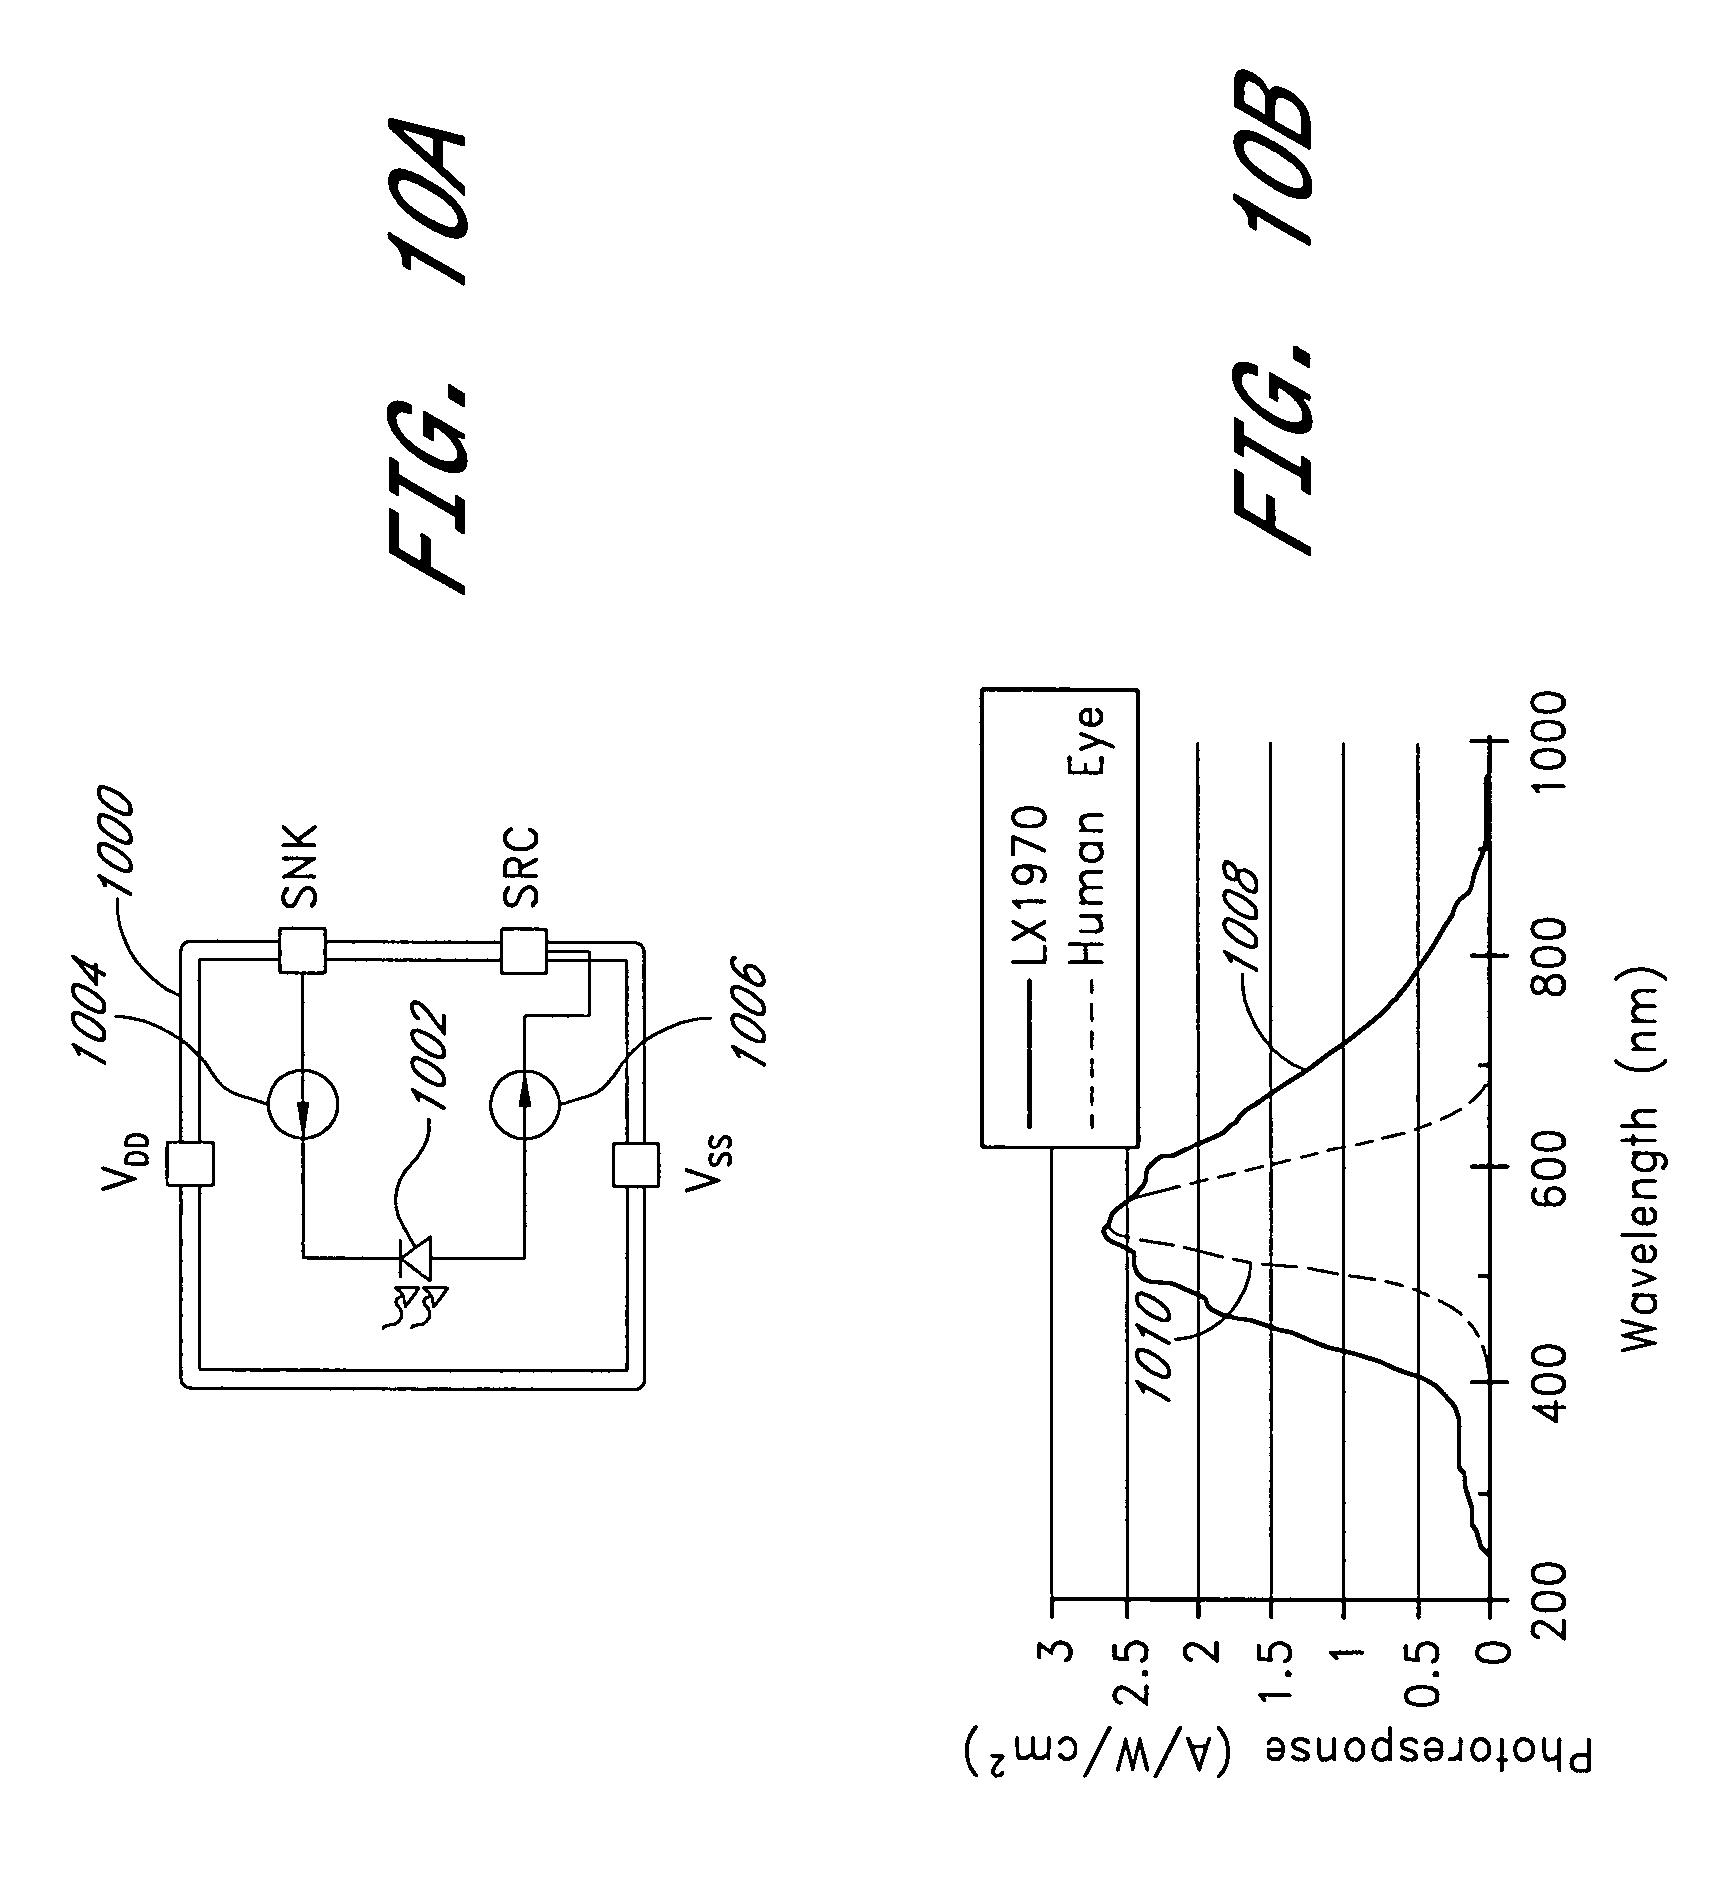 patent us7183727